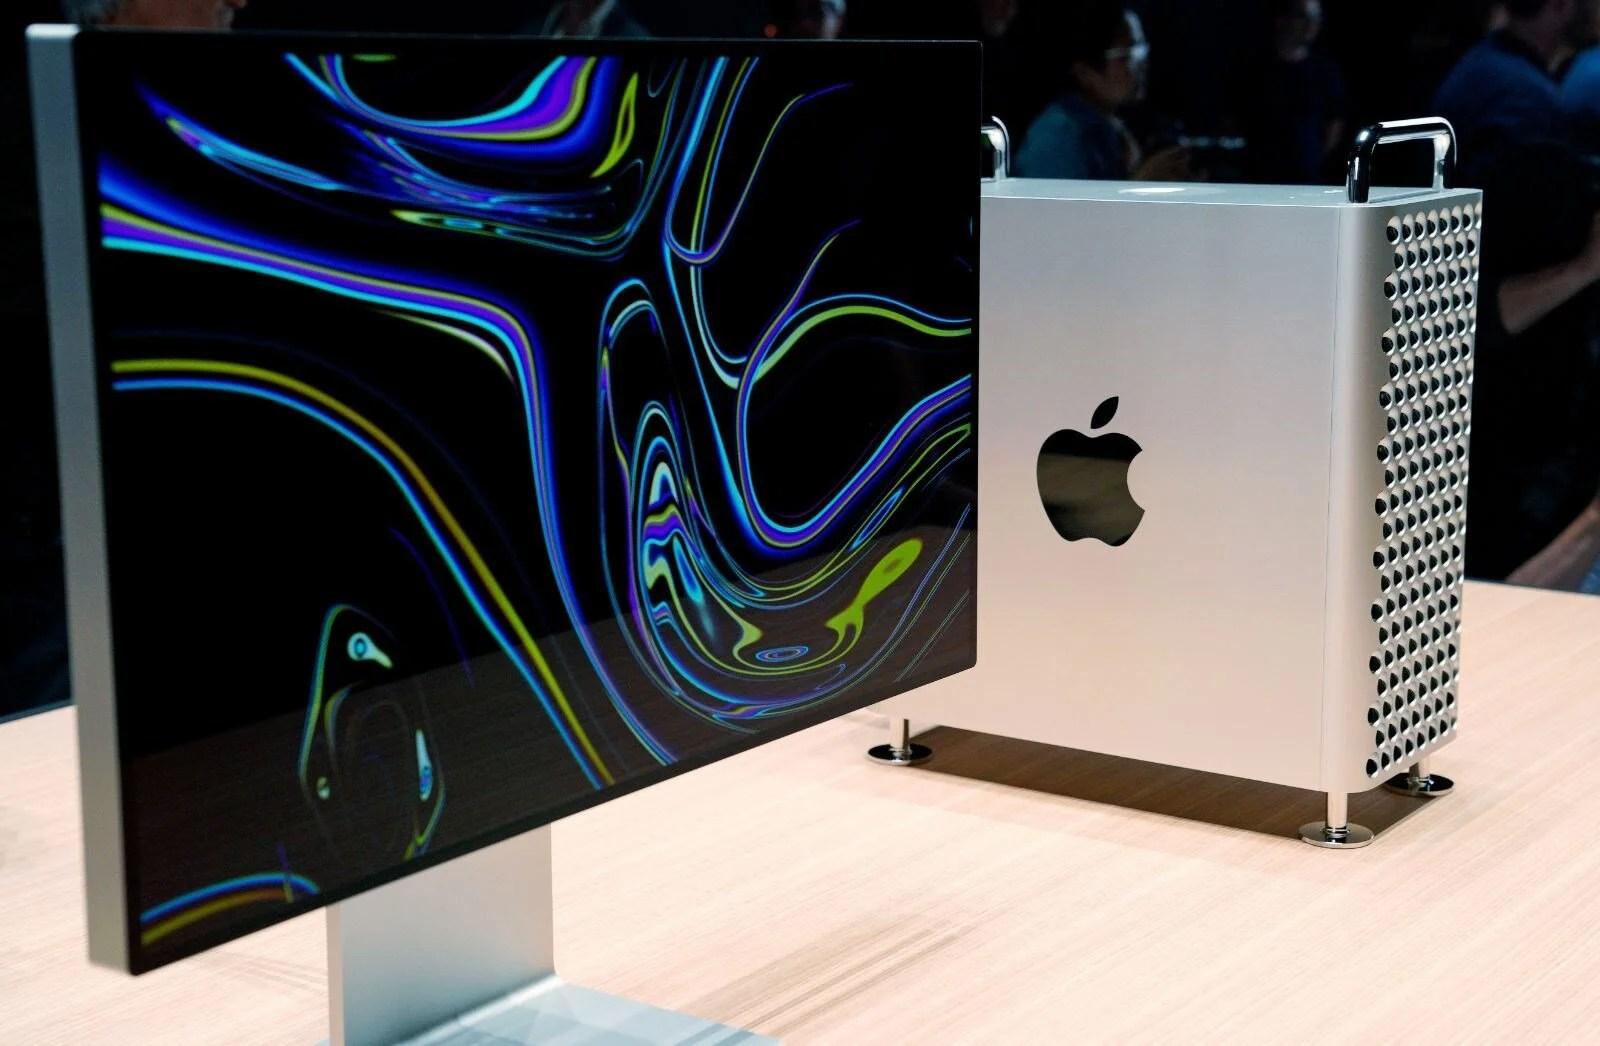 Apple yeni ürünlerini tanıttı: Renkli iMac ve 'en güçlü tablet' iPad Pro damga vurdu - 8